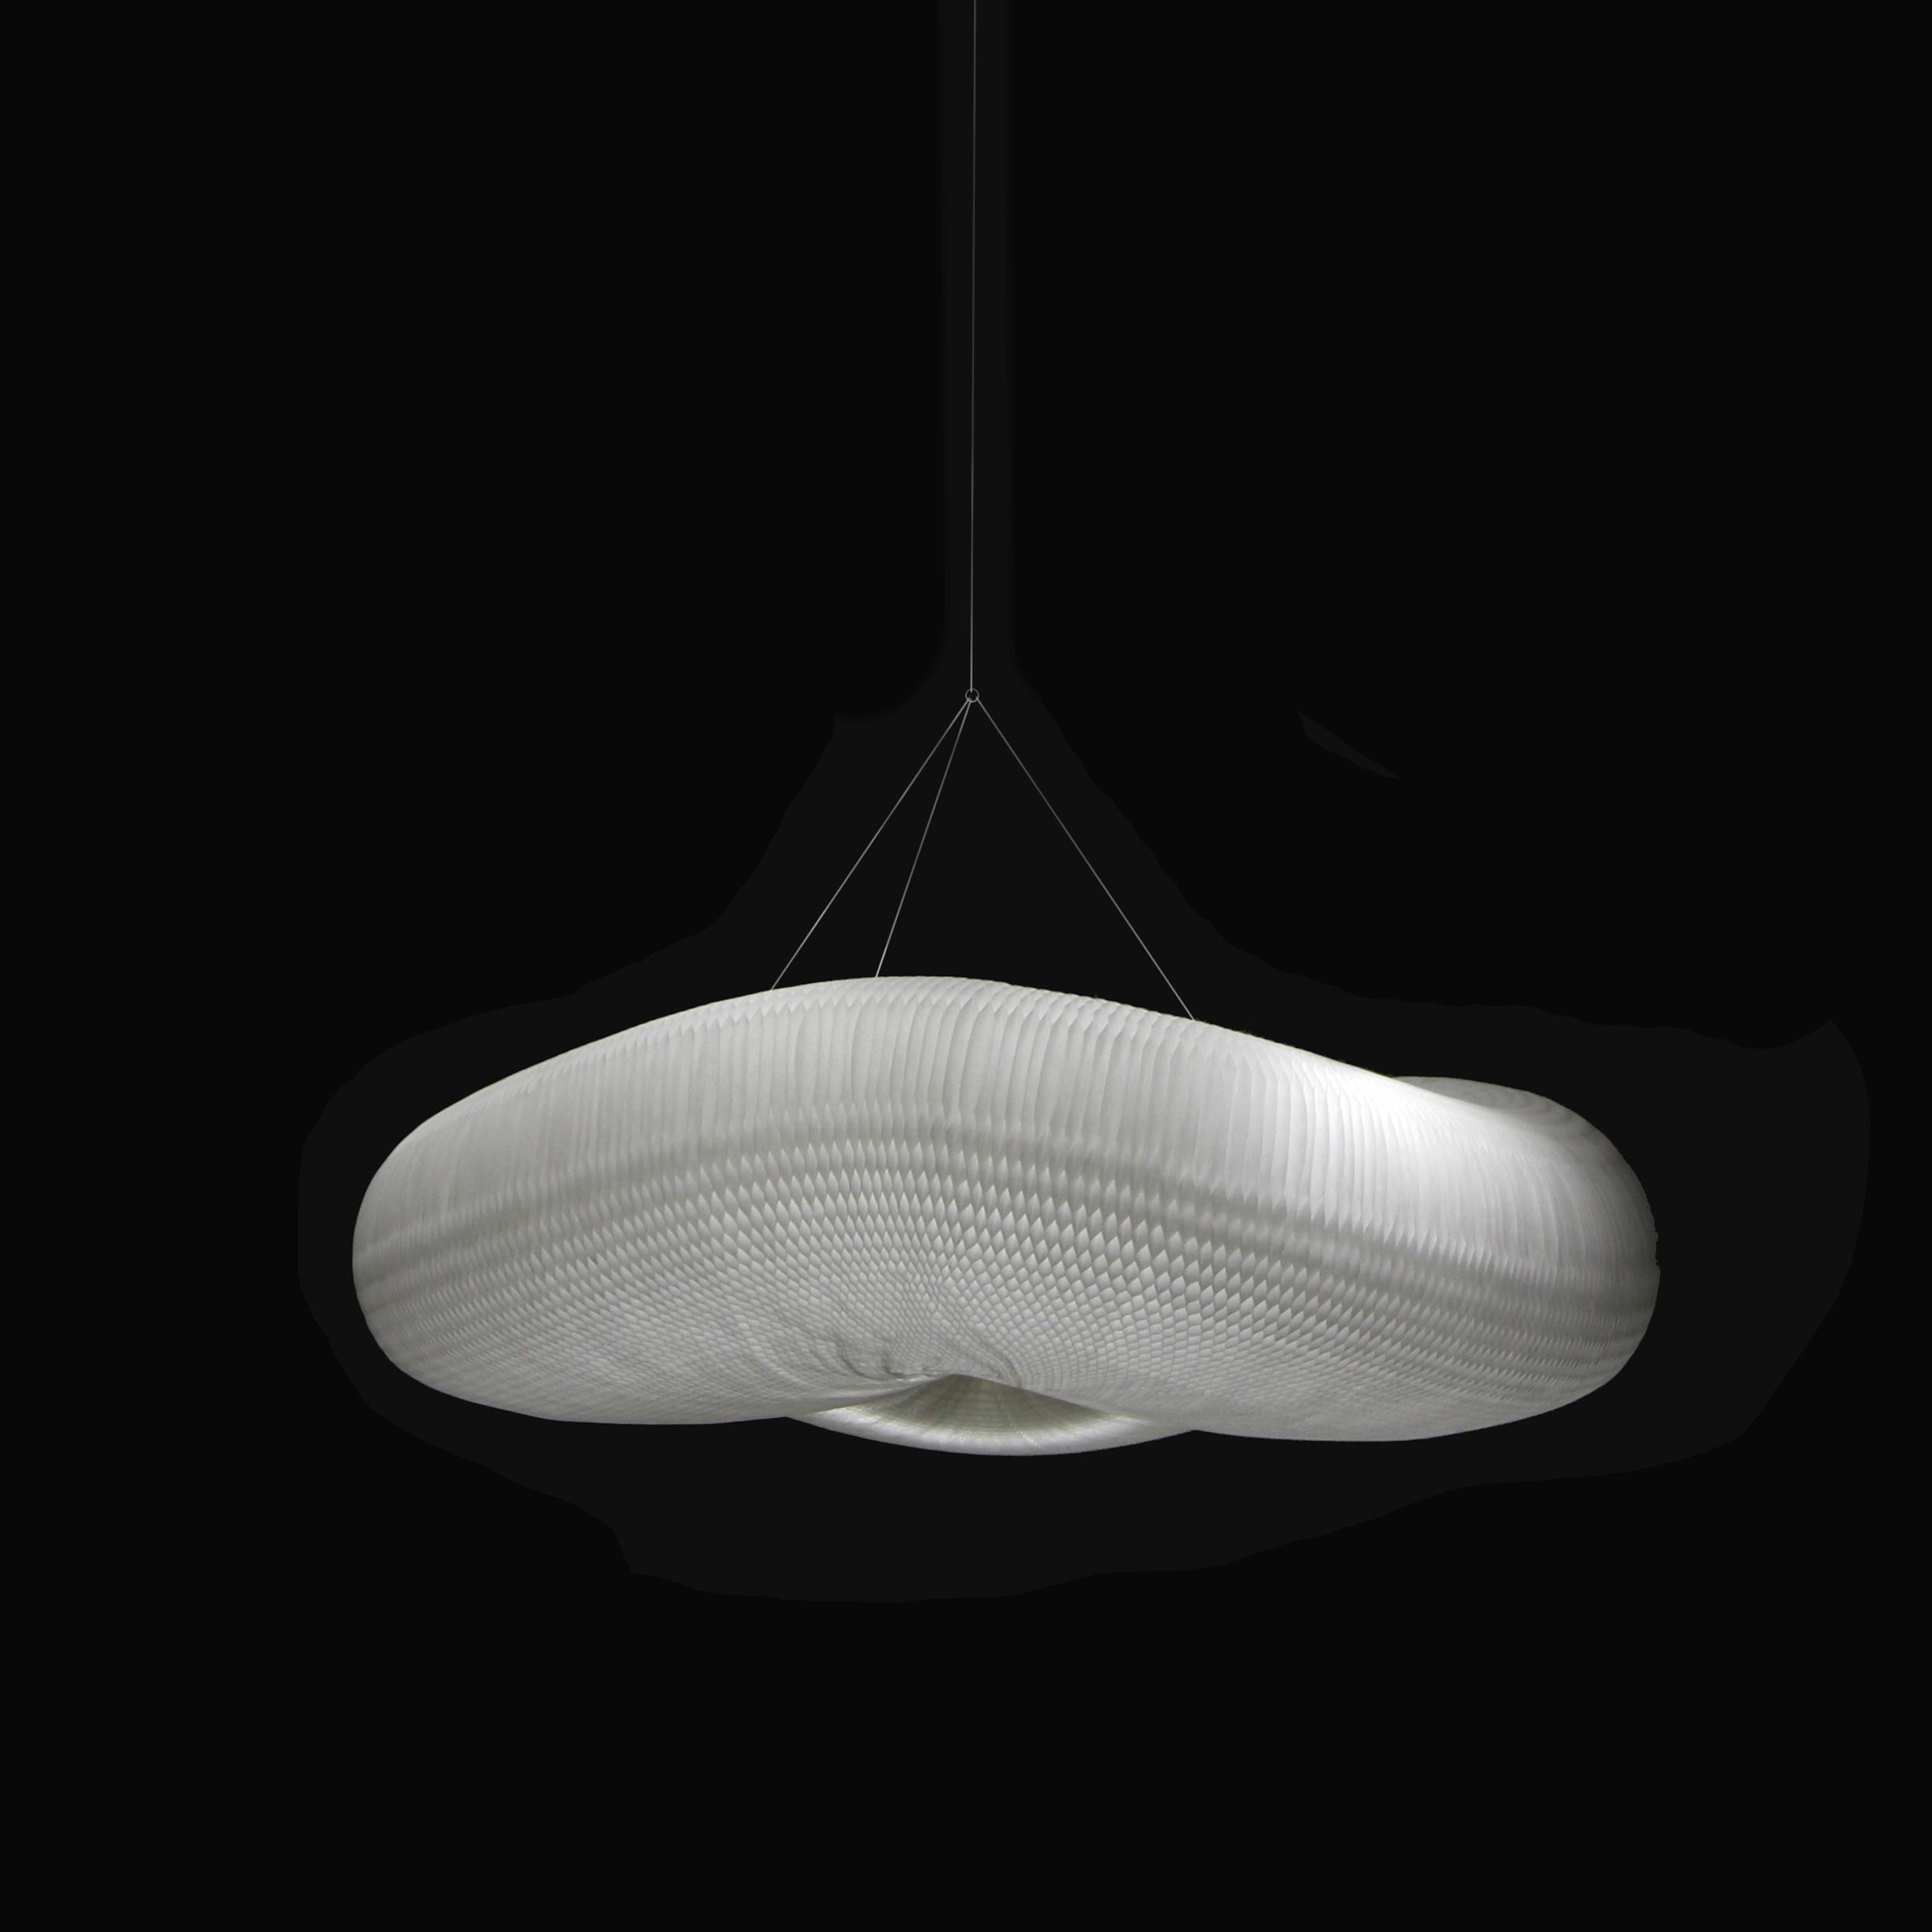 verlichting softcloud designverlichting kroonluchters hanglampen project verlichting akoestiek verbeteren molo design art4elements